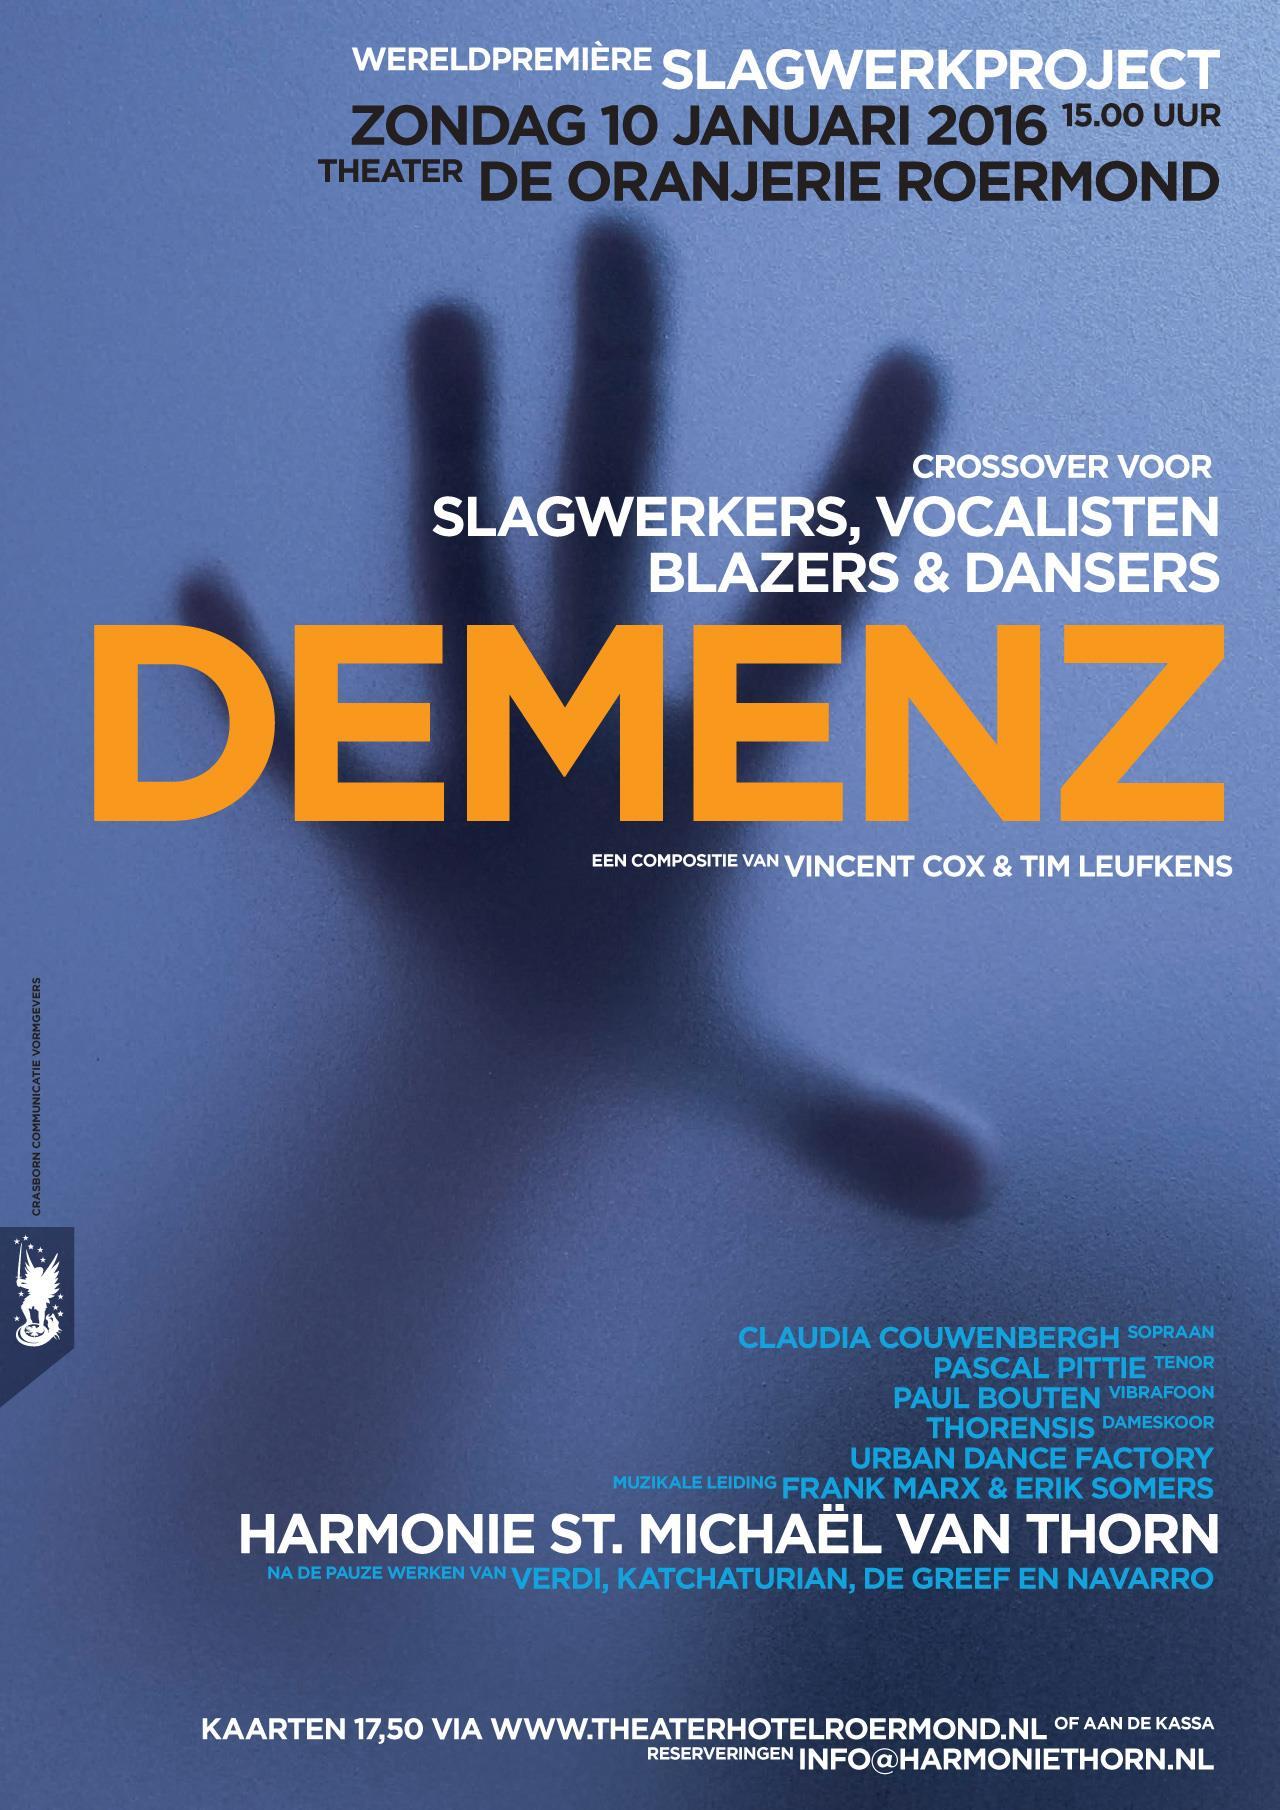 demenz-premiere